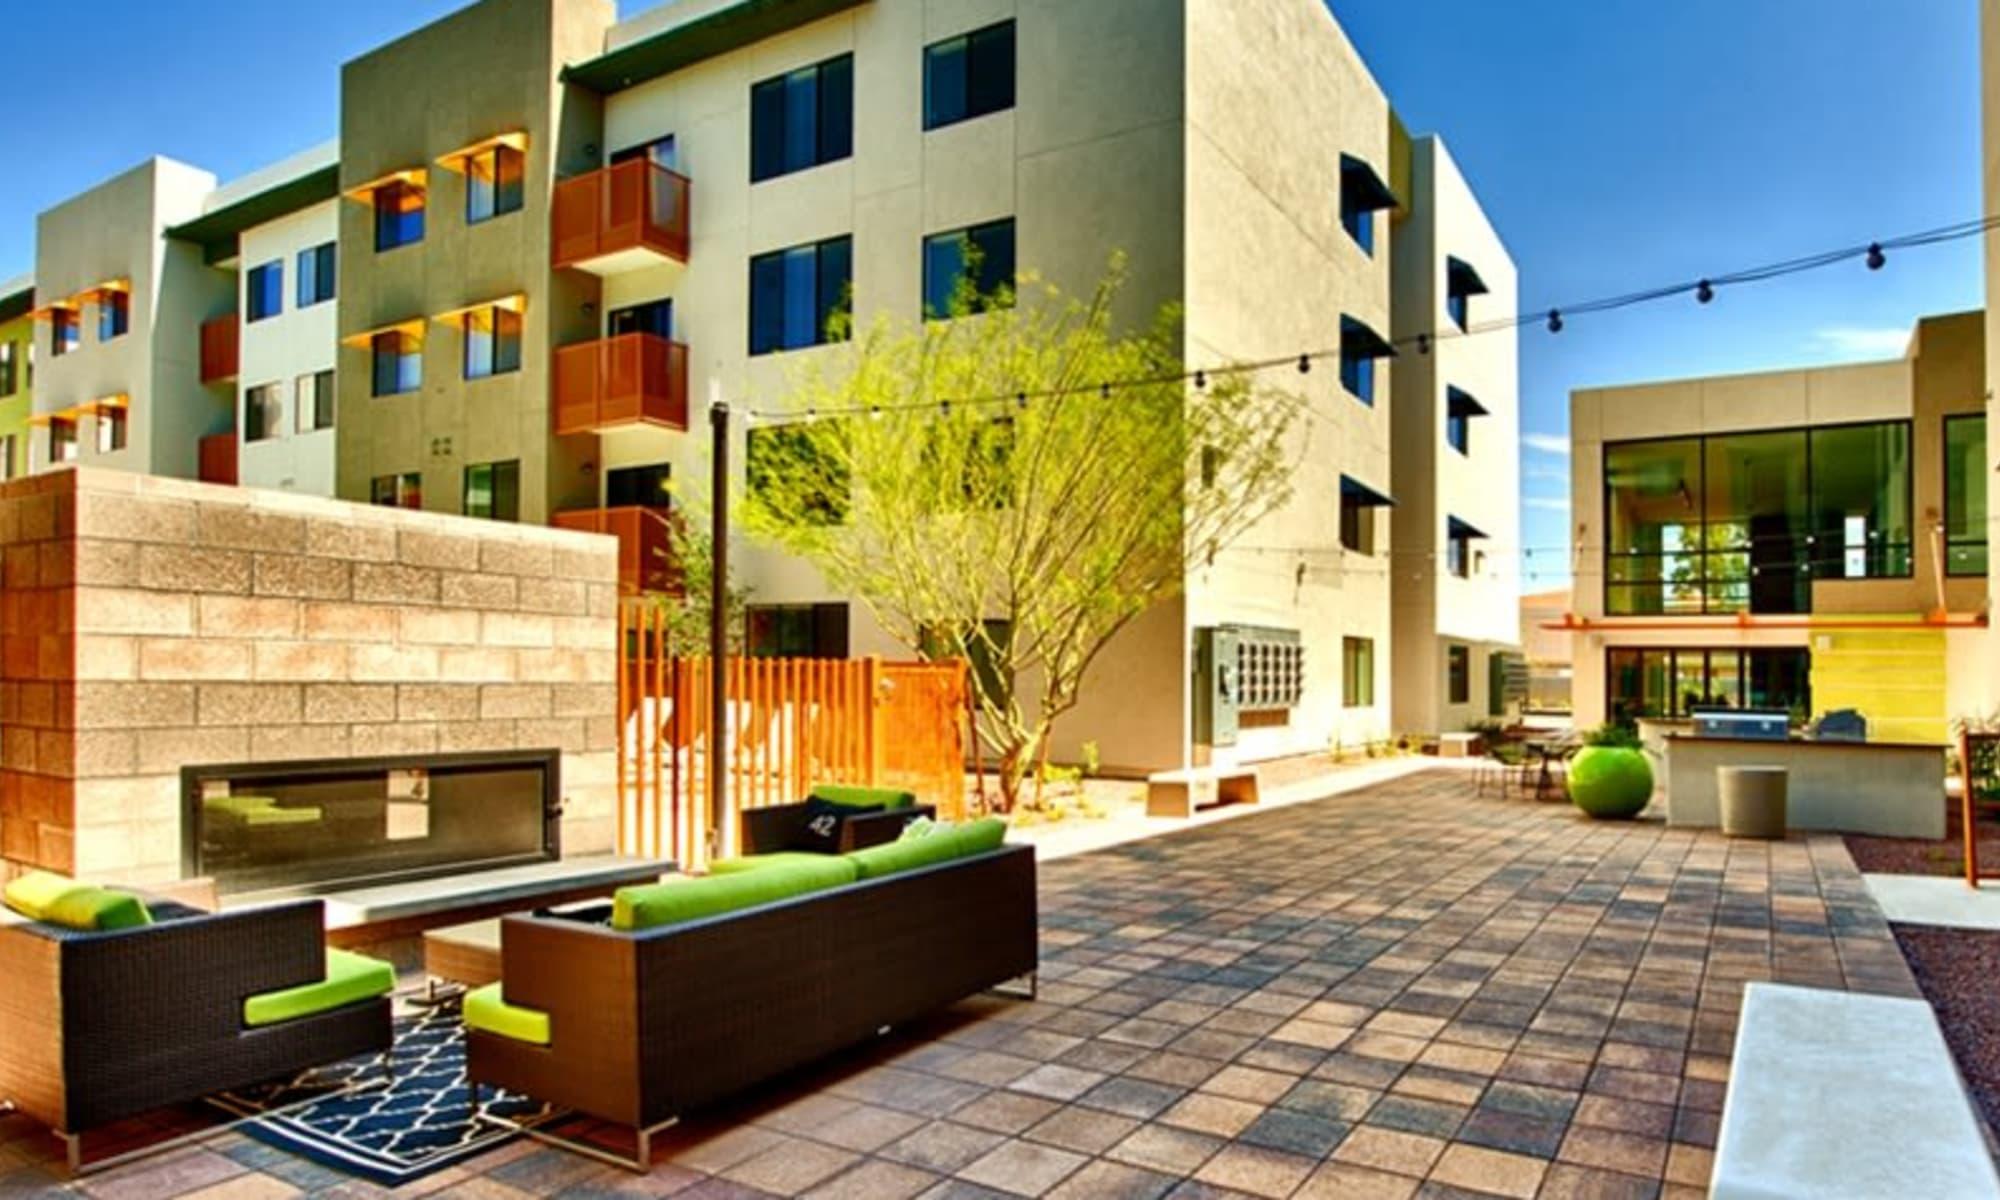 Cactus Forty-2 Apartments in Phoenix, Arizona